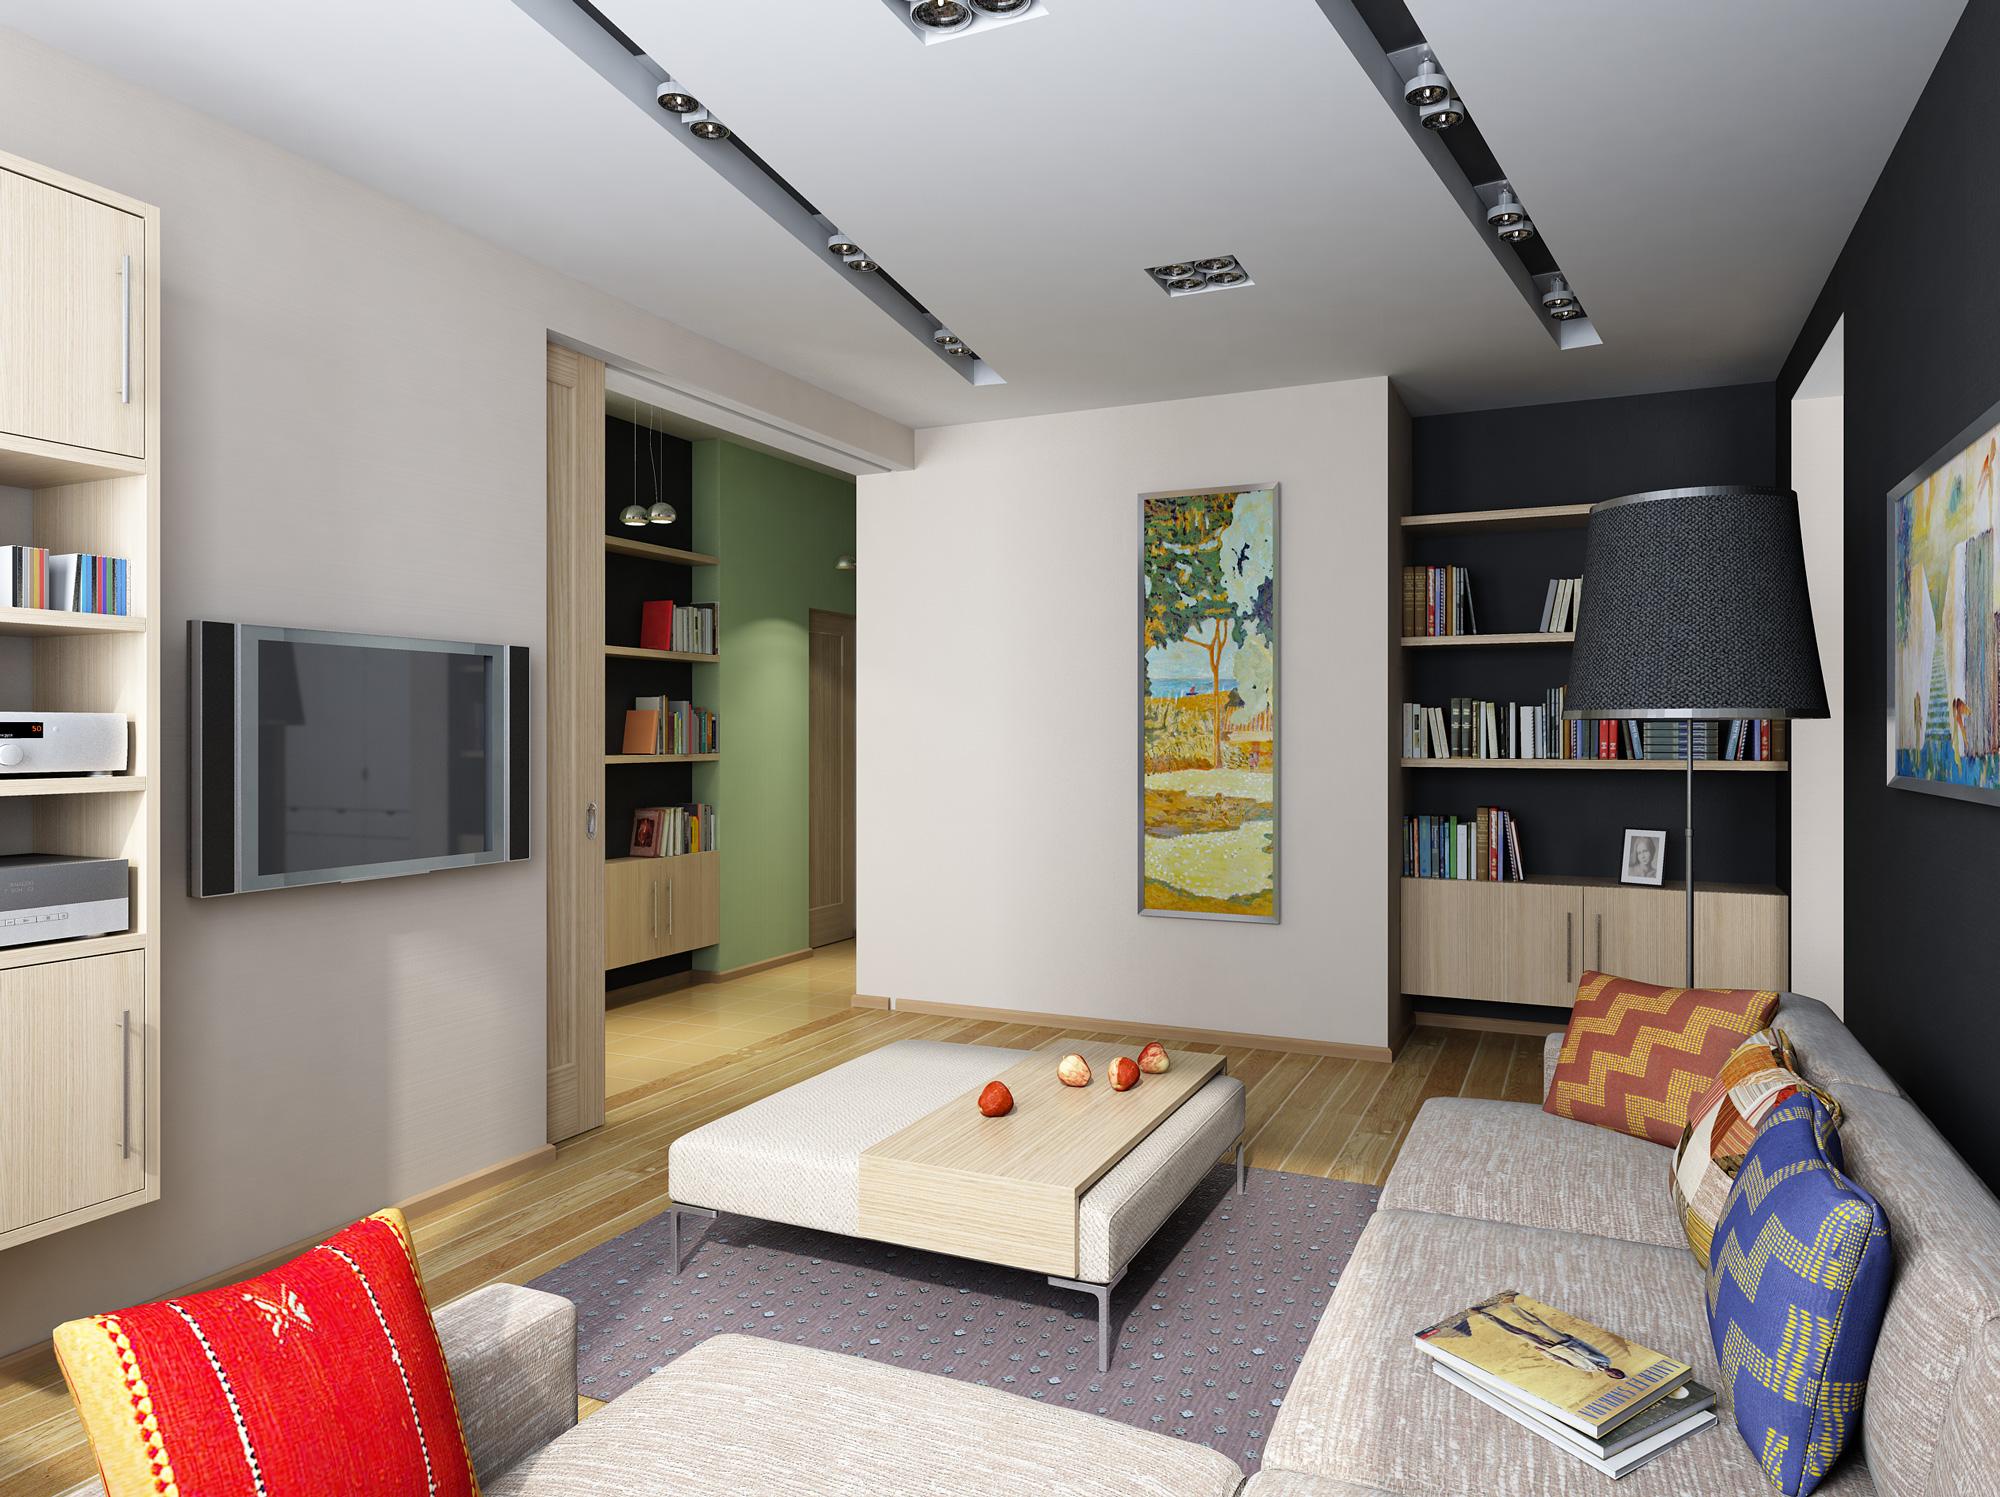 Проходная двухкомнатная квартира дизайн